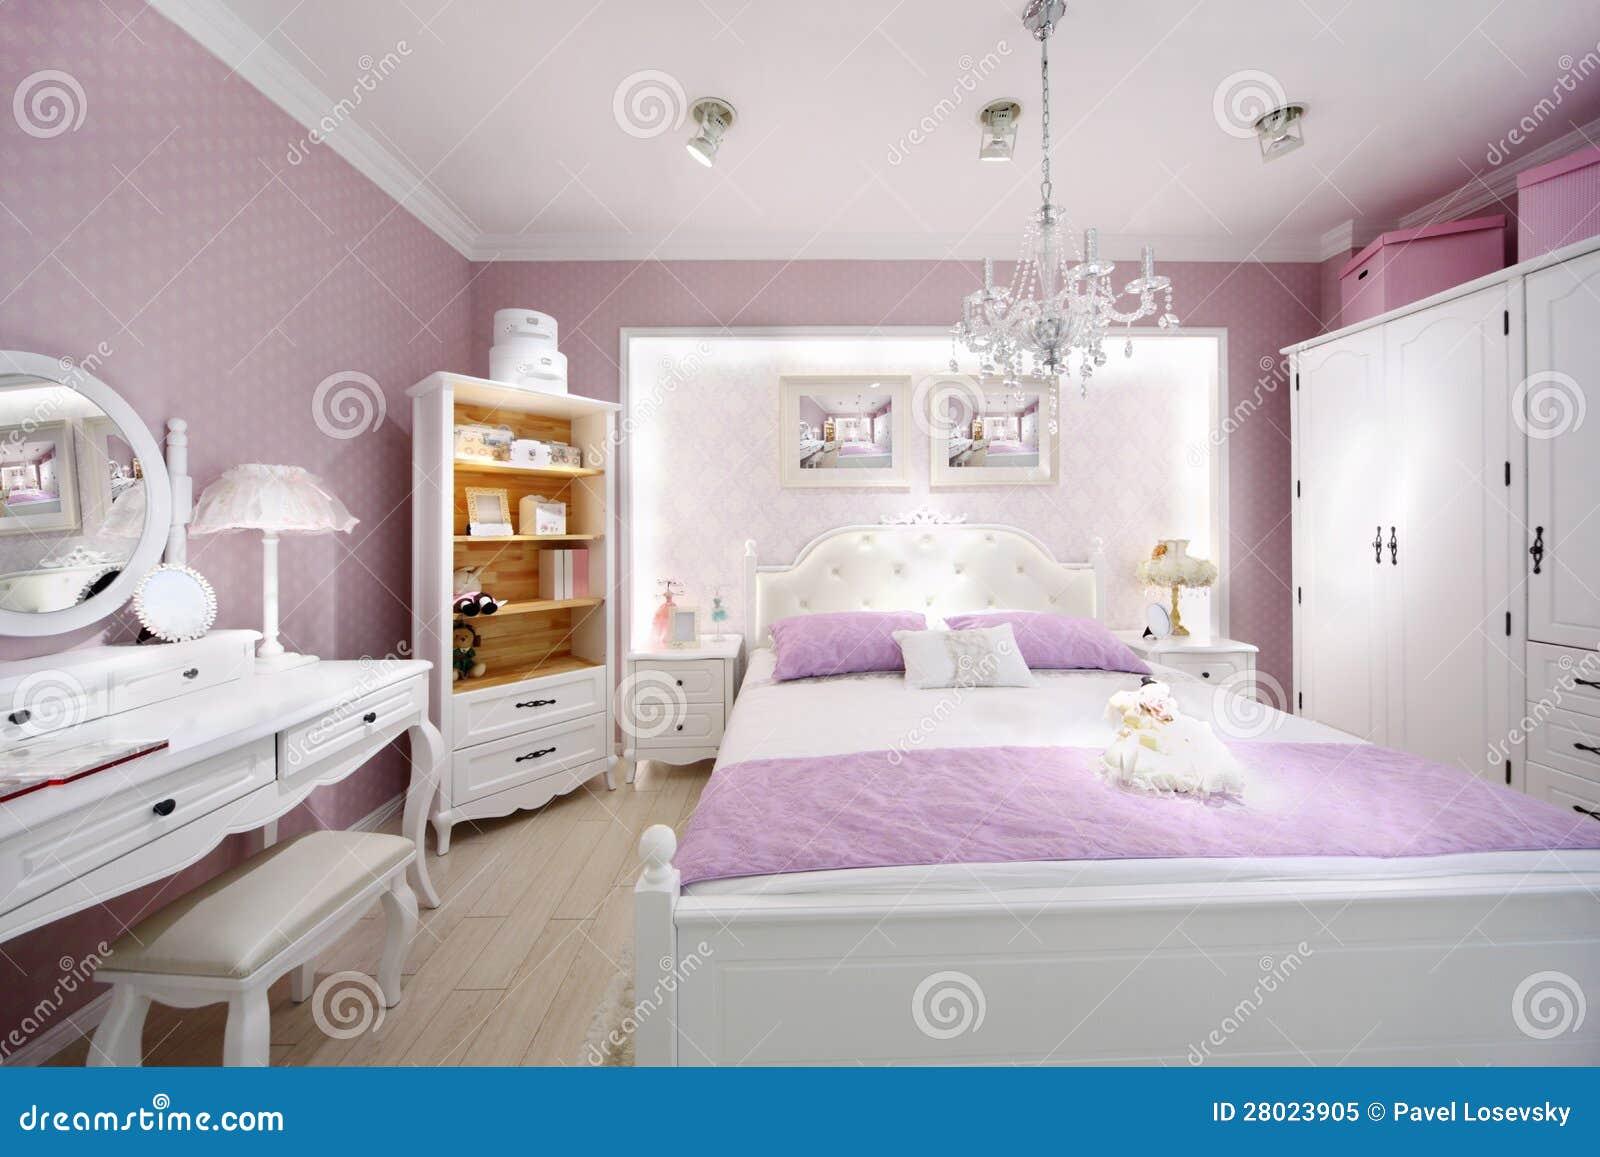 chambre coucher rose l gante pour le femme photo libre